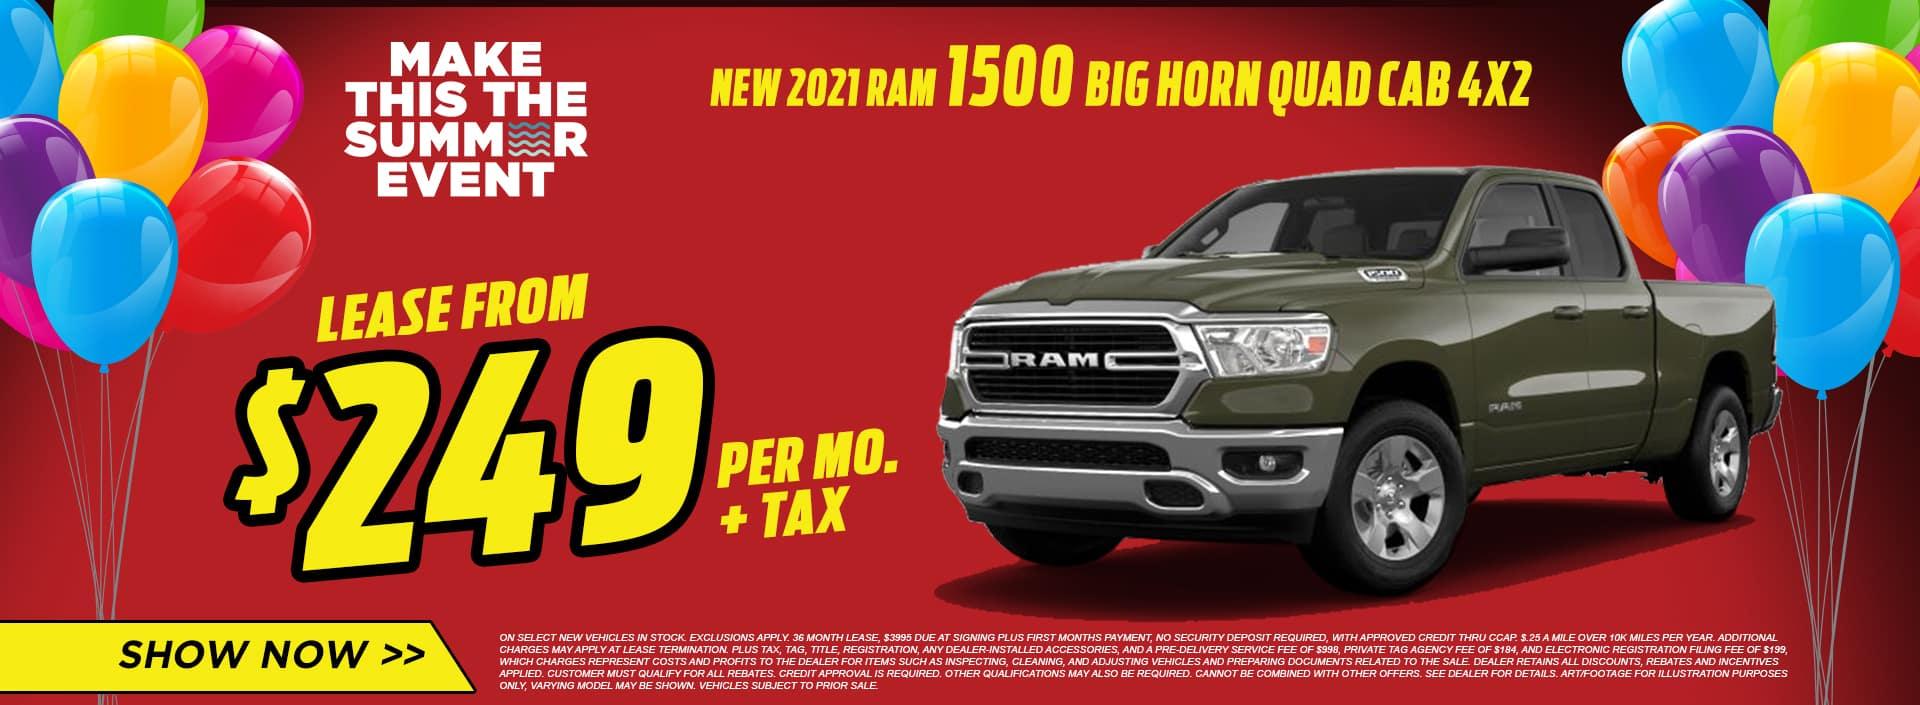 NEW 2021 RAM 1500 BIG HORN QUAD CAB 4X2